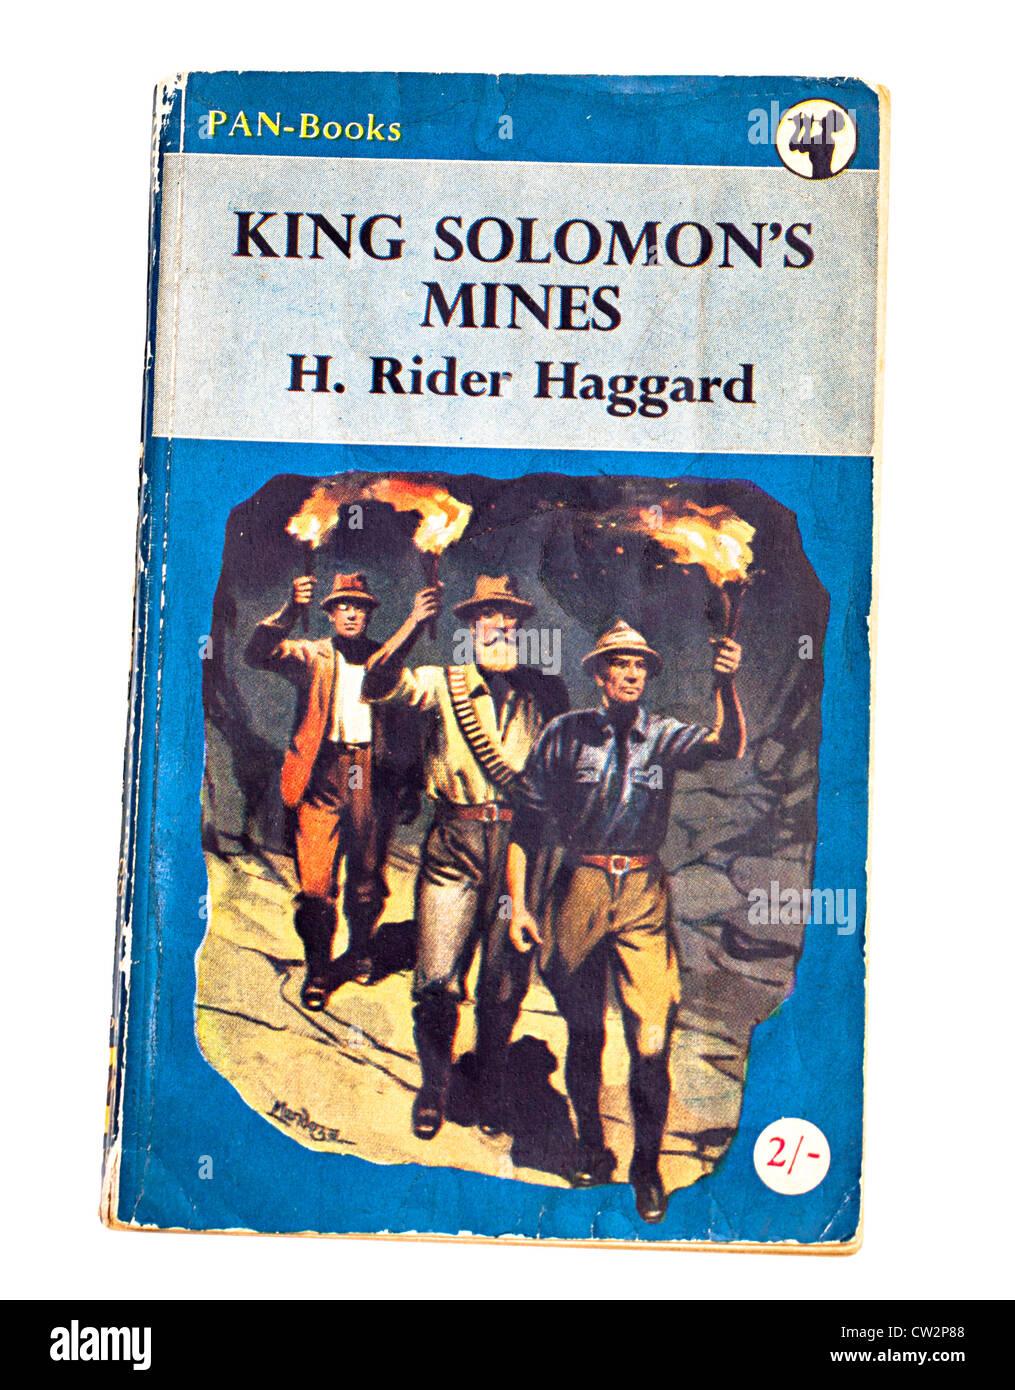 Histoire d'aventure pour enfants classique réserve Mines du roi Salomon par H. Rider Haggard publié Photo Stock